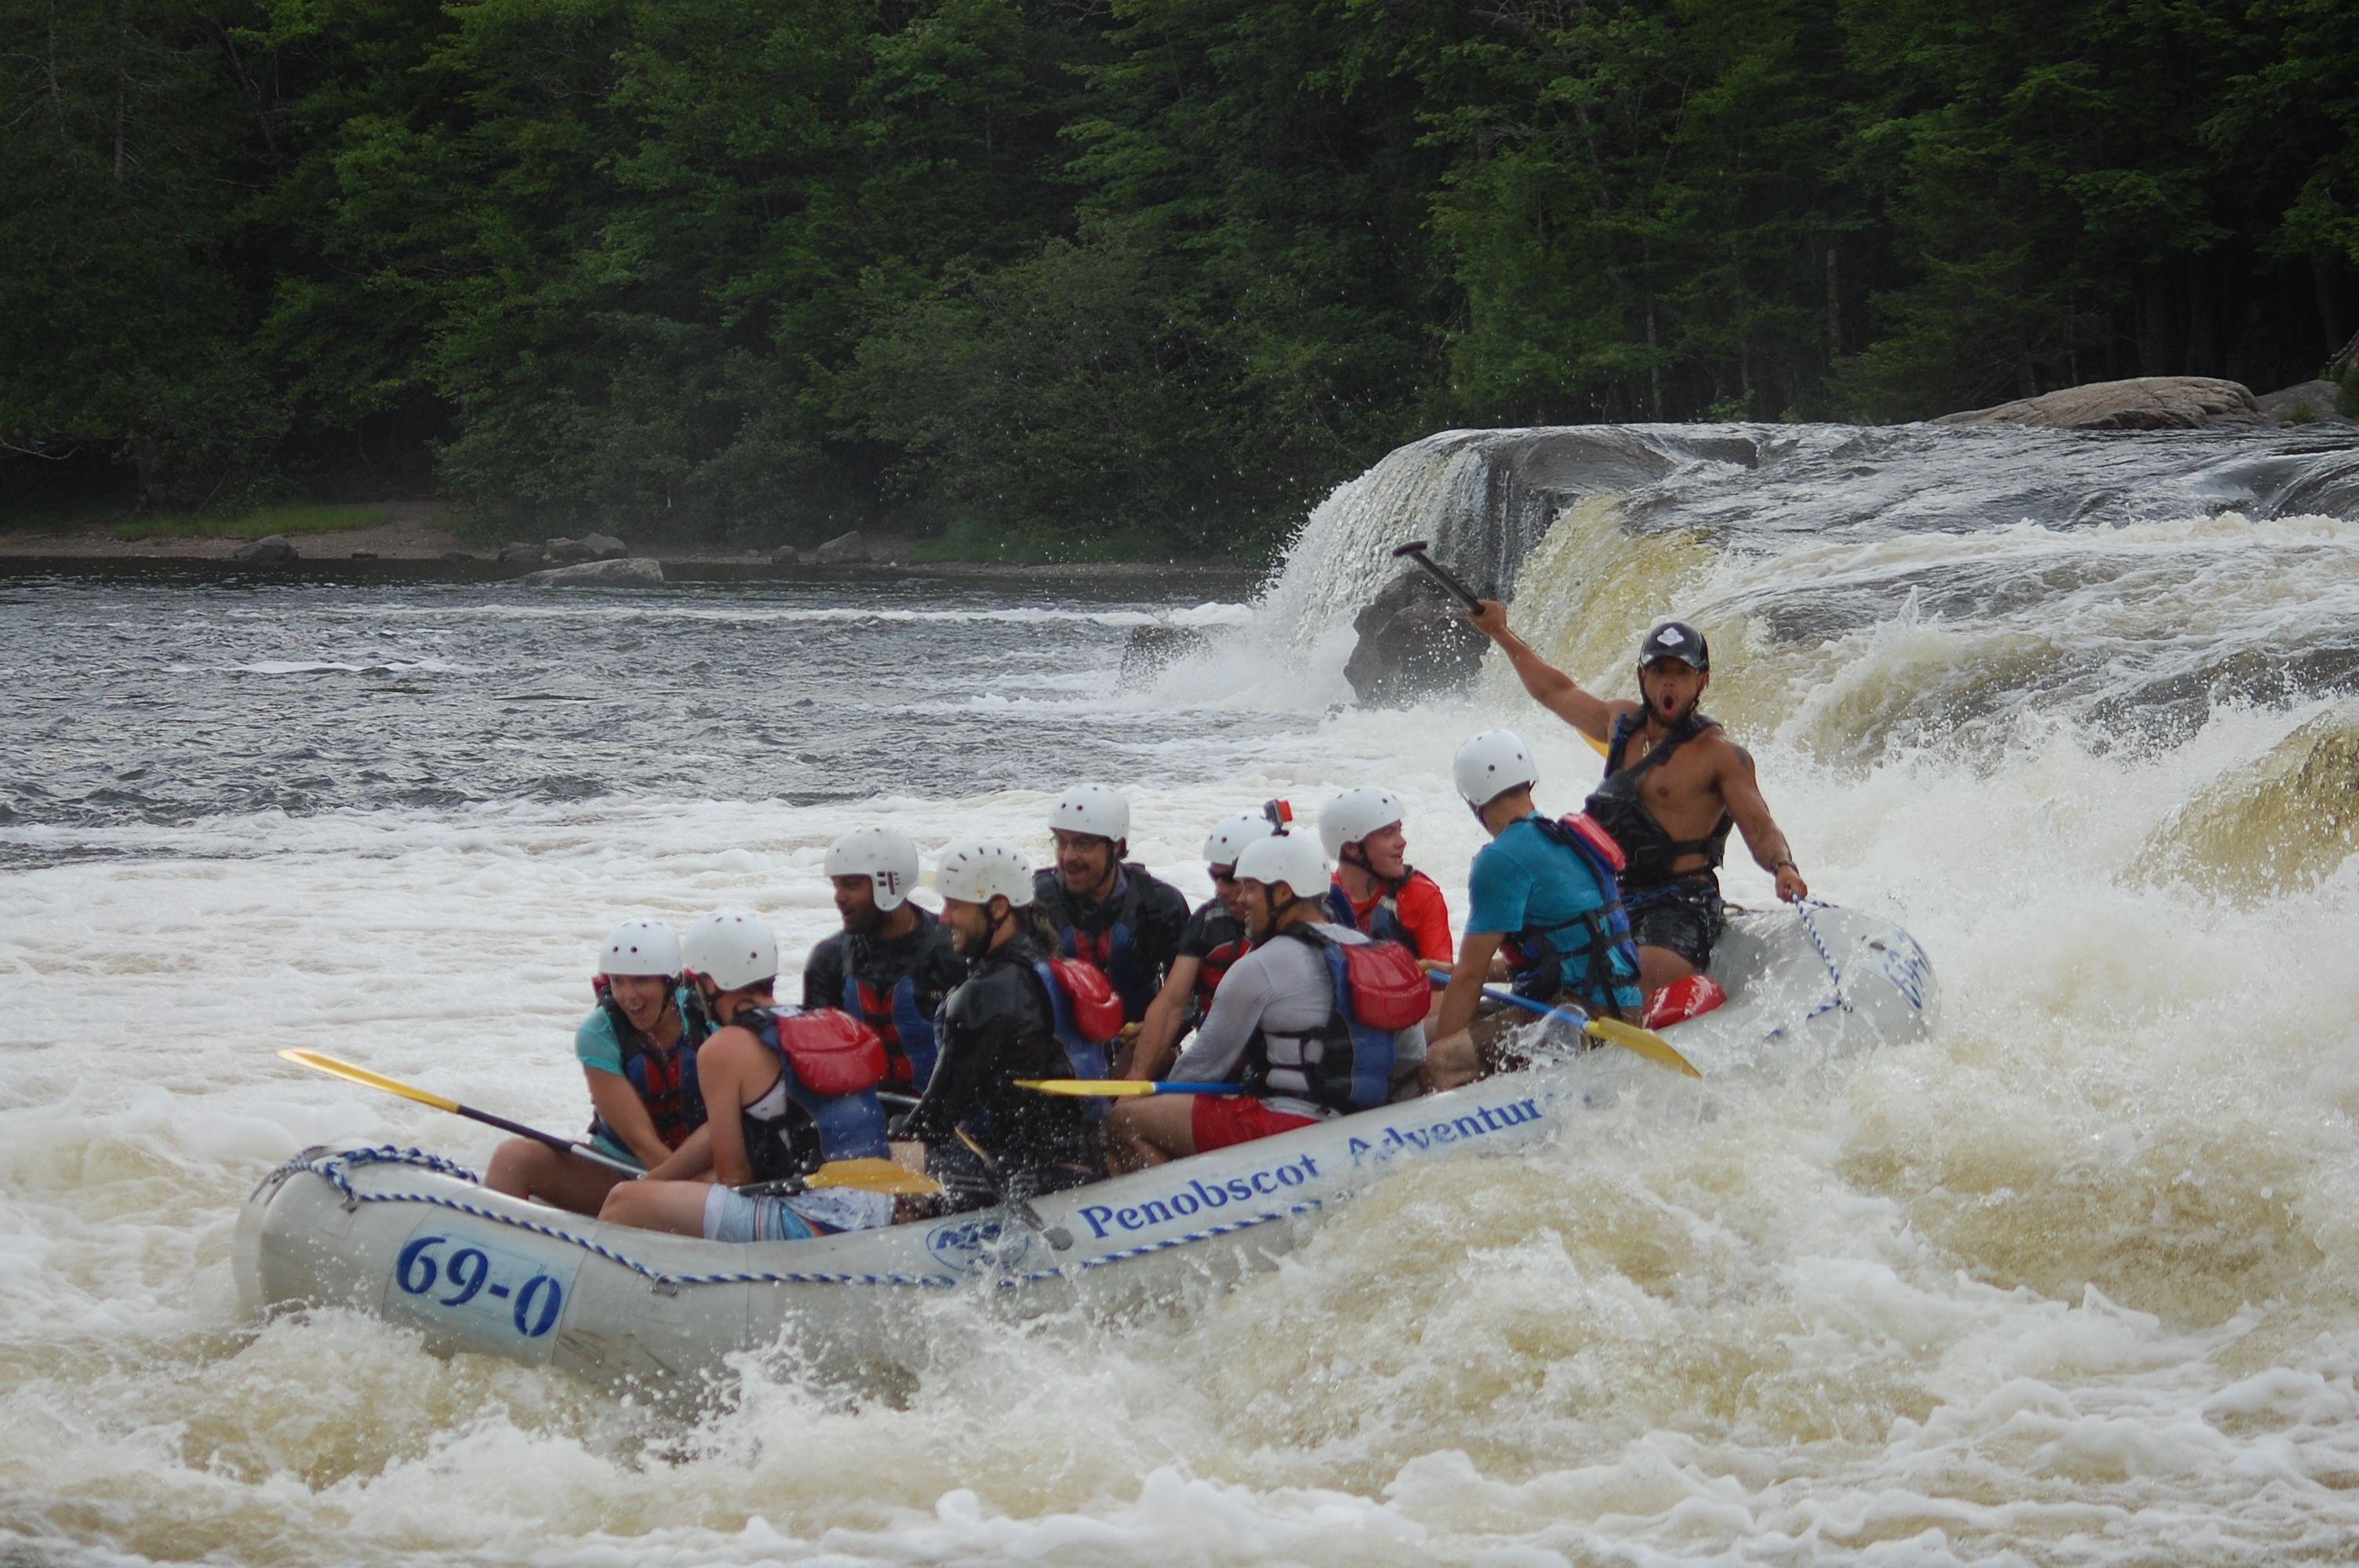 Penobscot Rafting Video 07/23/2016